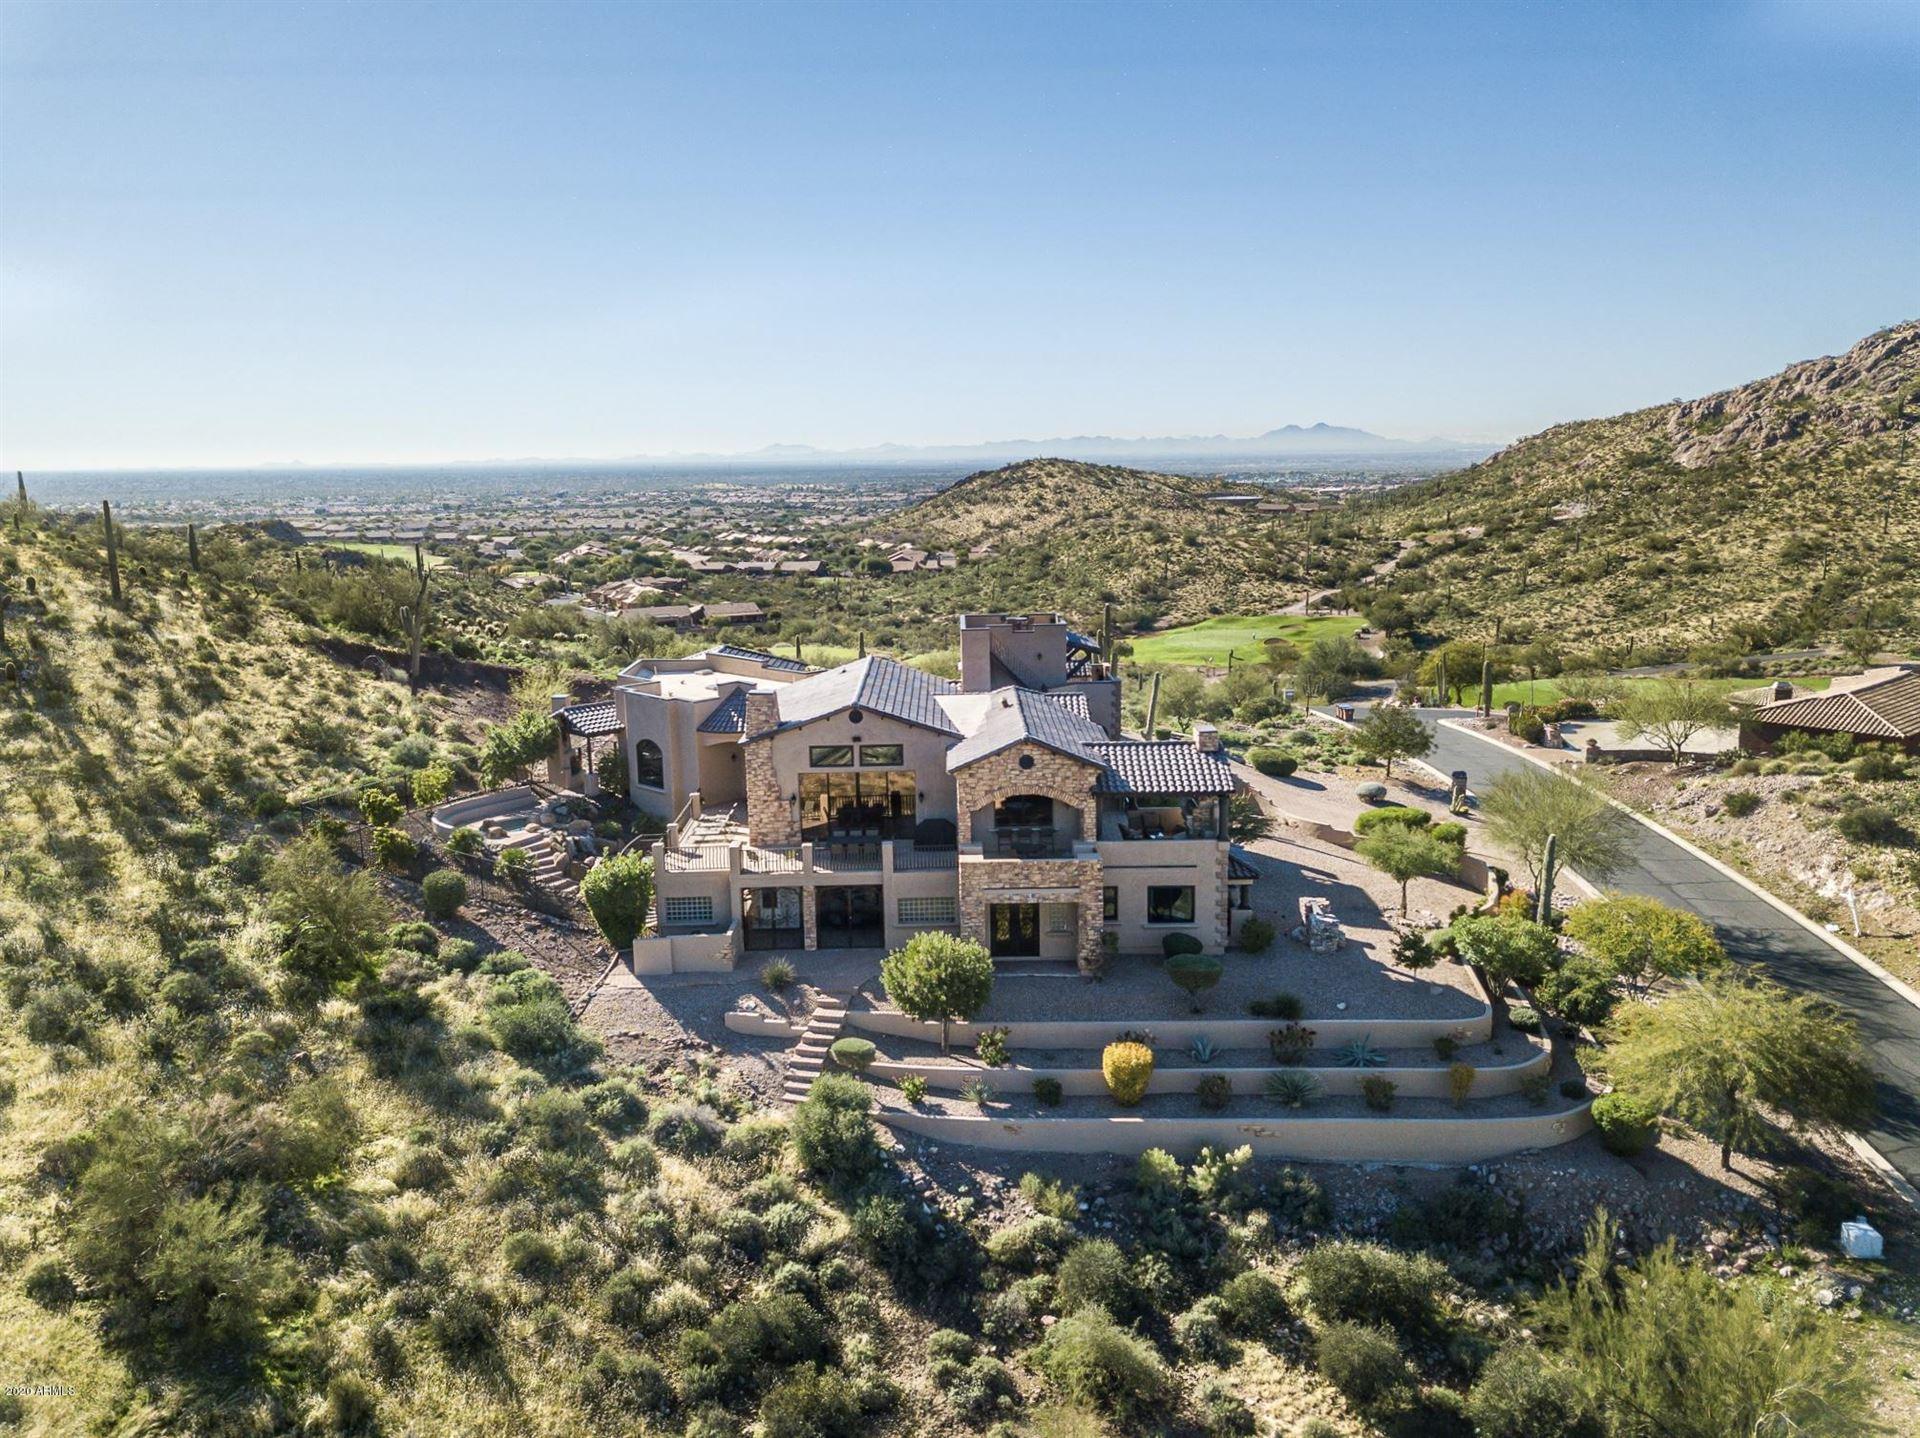 4303 S EL CAMINO DEL BIEN Road, Gold Canyon, AZ 85118 - MLS#: 6017257